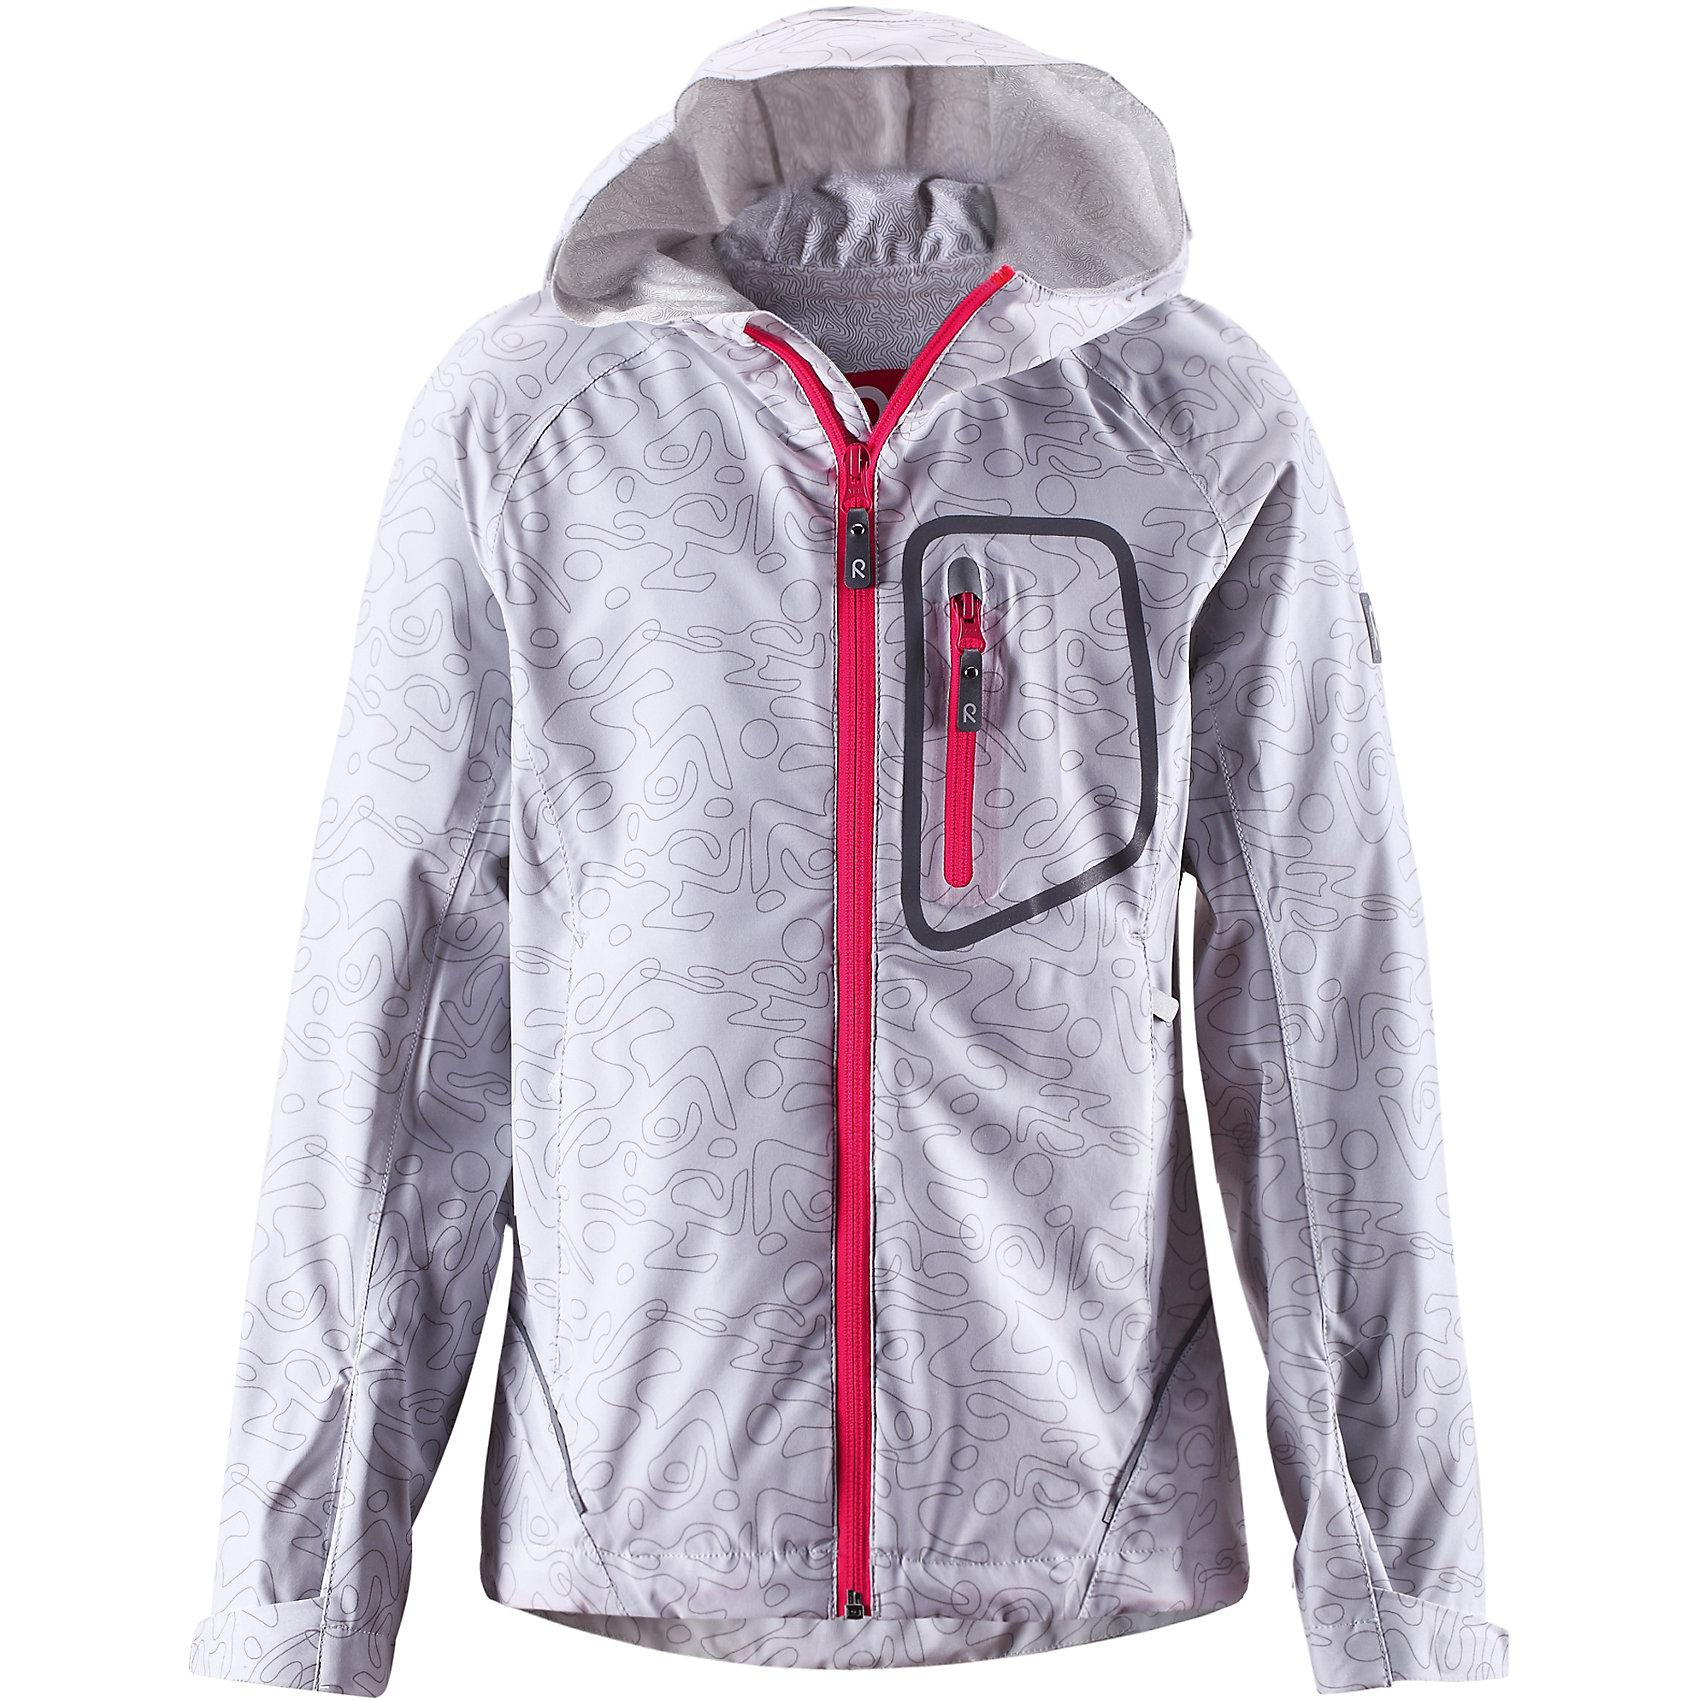 Куртка ReimaКуртка Reima (Рейма), белый от известного финского производителя  детской одежды Reima. Куртка-ветровка выполнена из полиэстера с добавлением эластана, что обеспечивает воздухопроницаемость, защиту от ветра и эластичность изделия. Изделие устойчиво к изменению формы и цвета даже при длительном использовании. Куртка имеет классическую форму: прямой, чуть приталенный, силуэт с  удлиненной спинкой,  на груди имеется карман на застежке-молнии, манжеты рукавов регулируются. Все швы изделия проклеенные, что обеспечивает дополнительную защиту от влаги. Куртка идеально подходит не только для весенних и осенних прогулок, но и для прохладной летней погоды.<br><br>Дополнительная информация:<br><br>- Предназначение: повседневная одежда для прогулок и активного отдыха<br>- Цвет: белый<br>- Пол: для девочки<br>- Состав: 92% полиэстер, 8% эластан<br>- Сезон: весна-осень (демисезонная)<br>- Особенности ухода: стирать изделие, предварительно вывернув его на левую сторону, не использовать отбеливающие вещества<br><br>Подробнее:<br><br>• Для детей в возрасте: от 7 лет и до 8 лет<br>• Страна производитель: Китай<br>• Торговый бренд: Reima, Финляндия<br><br>Куртку Reima (Рейма), белый можно купить в нашем интернет-магазине.<br><br>Ширина мм: 356<br>Глубина мм: 10<br>Высота мм: 245<br>Вес г: 519<br>Цвет: белый<br>Возраст от месяцев: 84<br>Возраст до месяцев: 96<br>Пол: Унисекс<br>Возраст: Детский<br>Размер: 128,152<br>SKU: 4632618